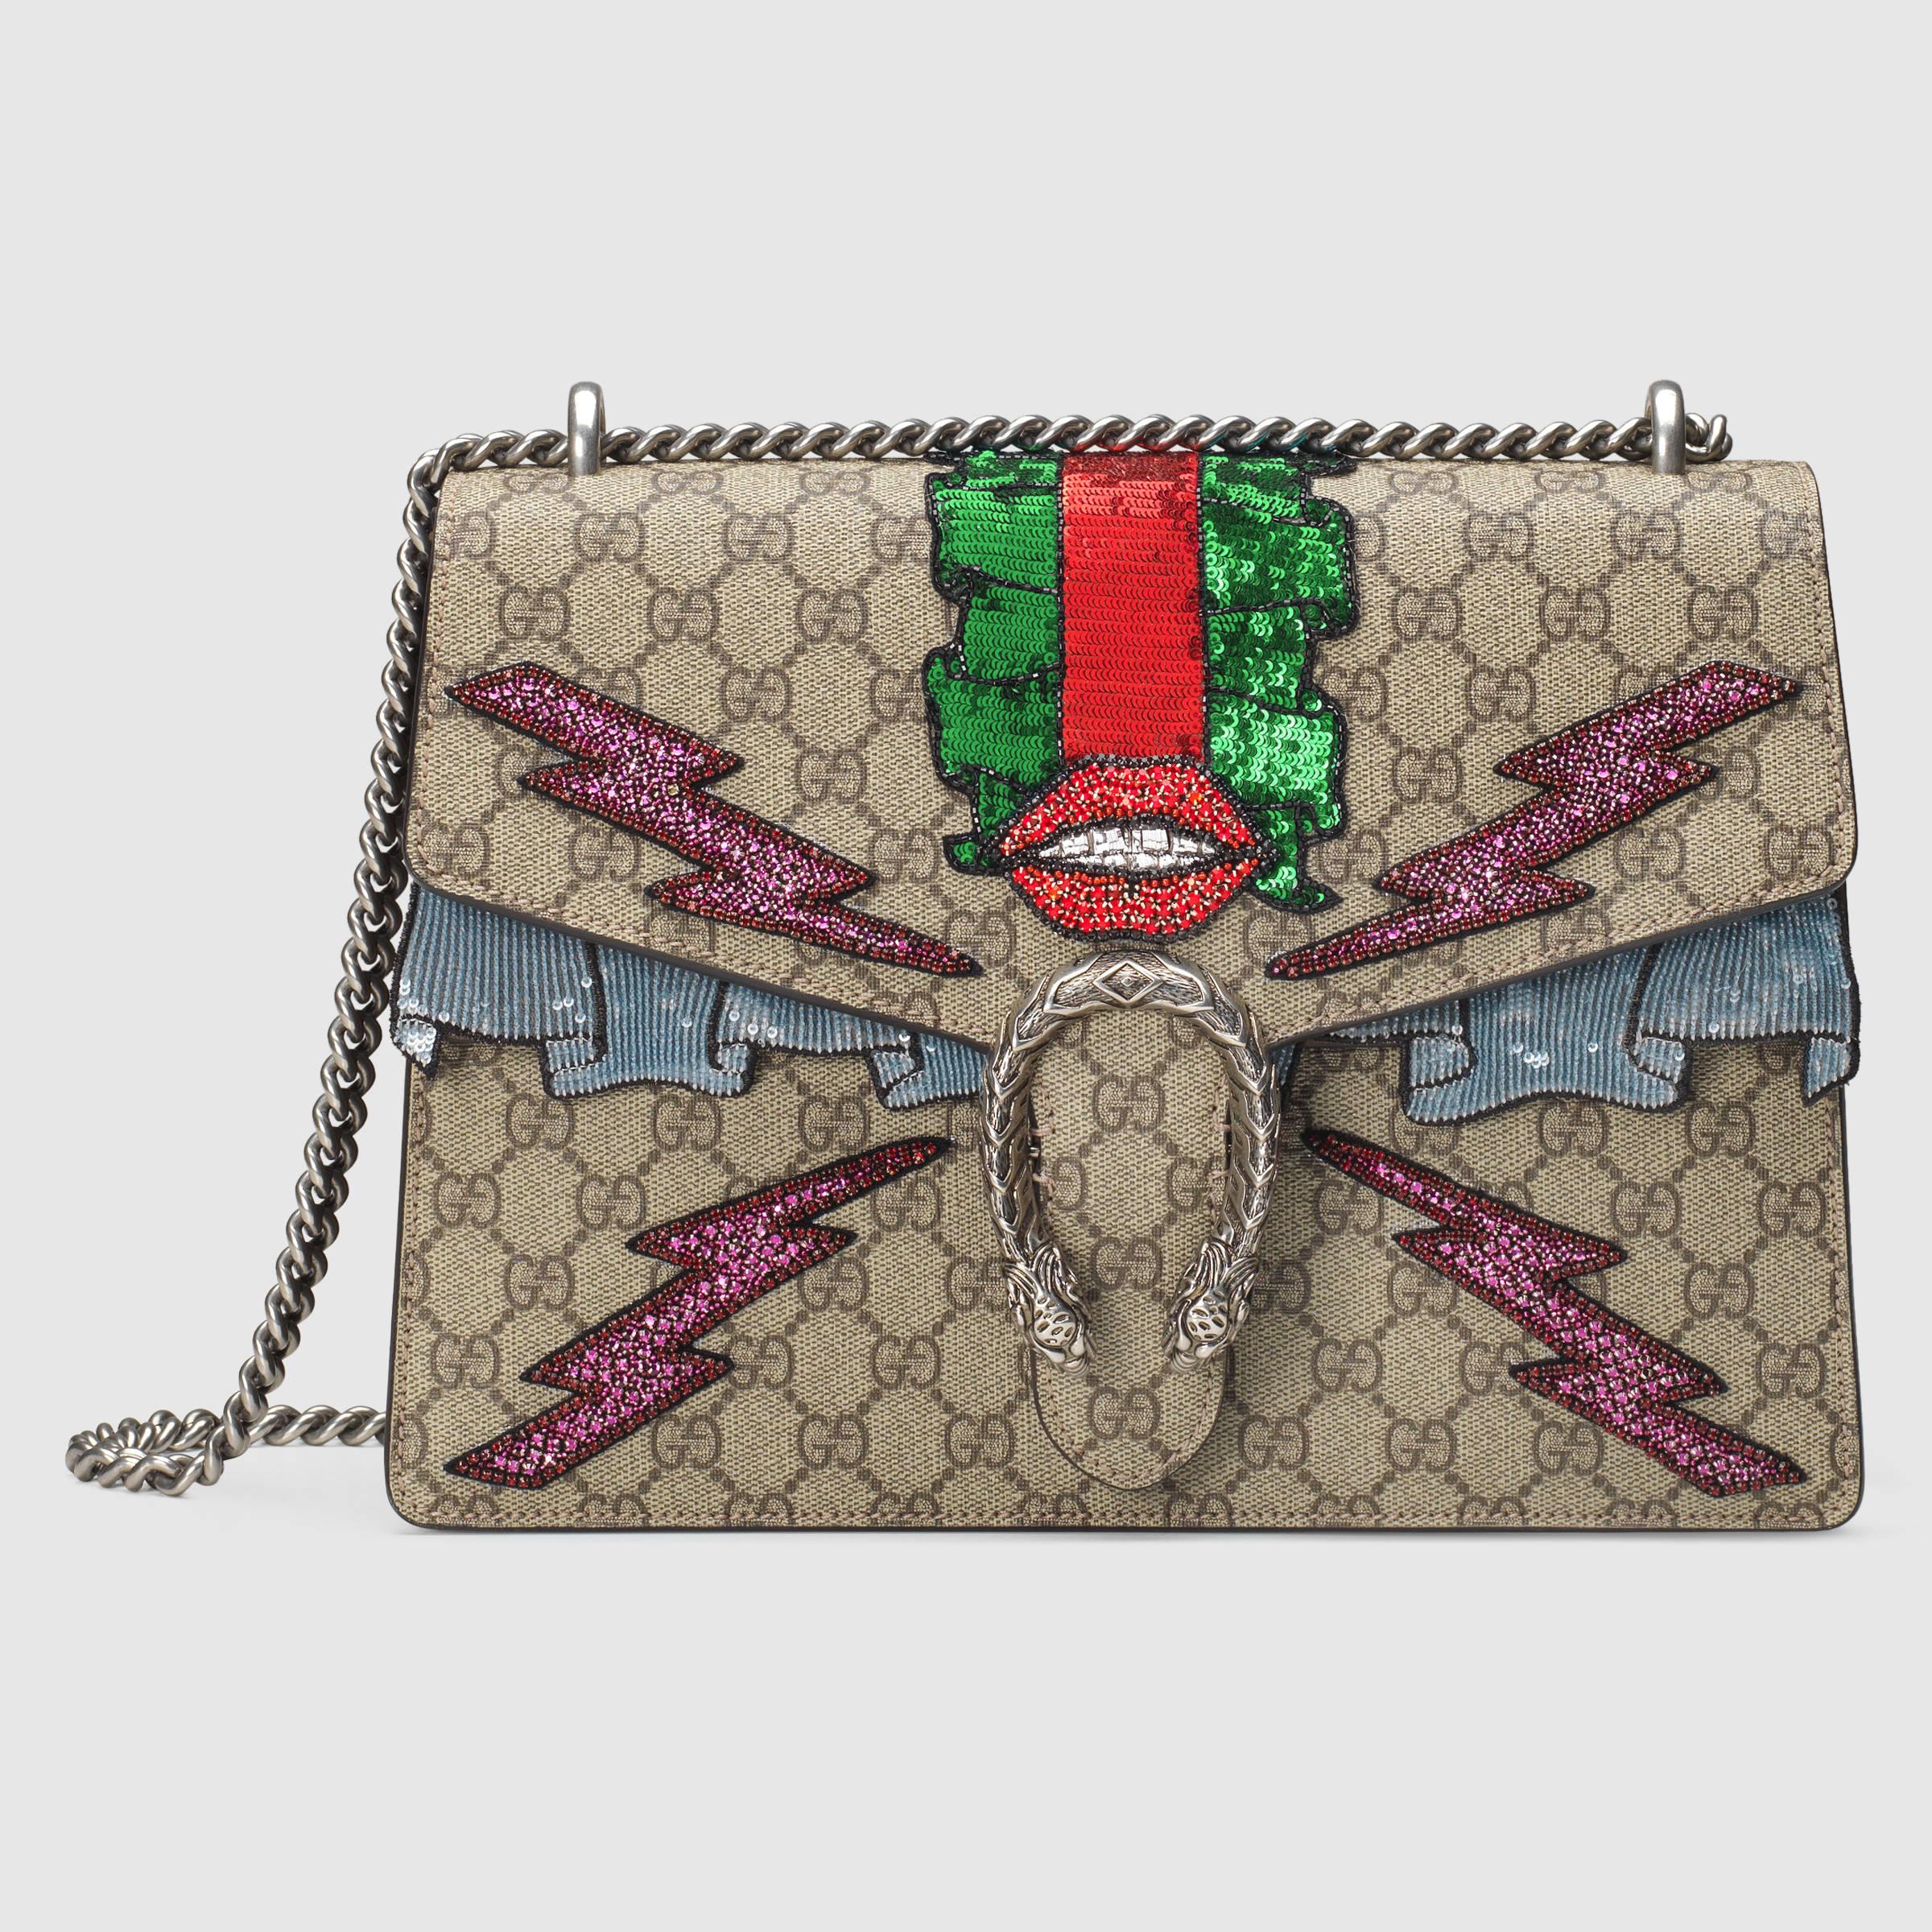 1cacb303b3a2 Gucci Dionysus Gg Supreme Embellished Shoulder Bag | HEWI London